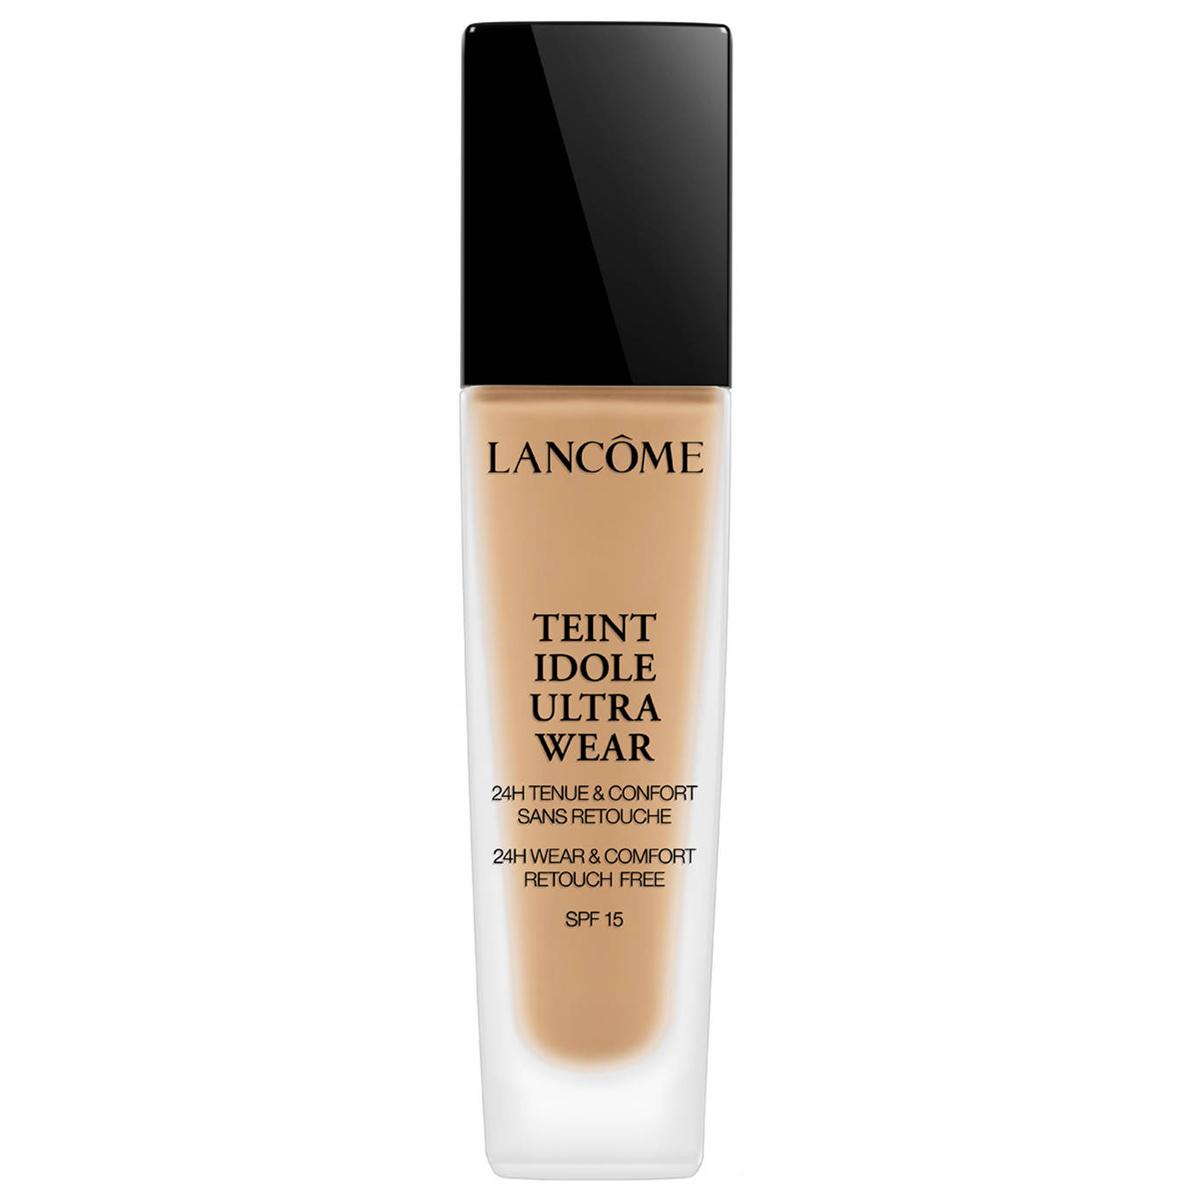 Lancôme - Teint Idole Ultra Wear